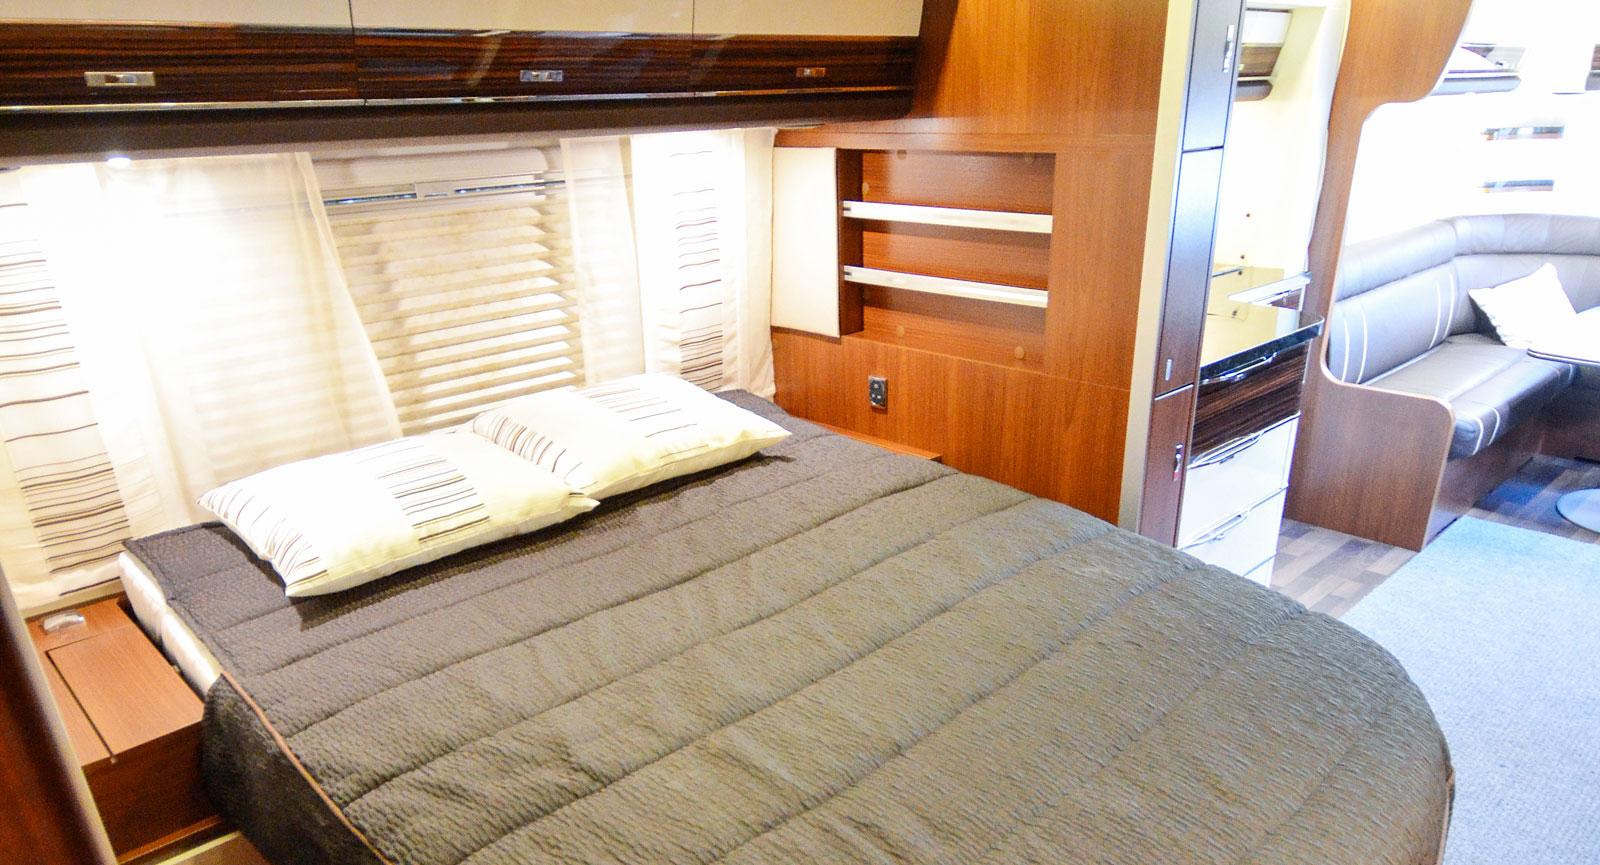 Slide outen är tvådelad mellan sovrummet och köket. När konstruktionen dras in höjs sängens huvudända.